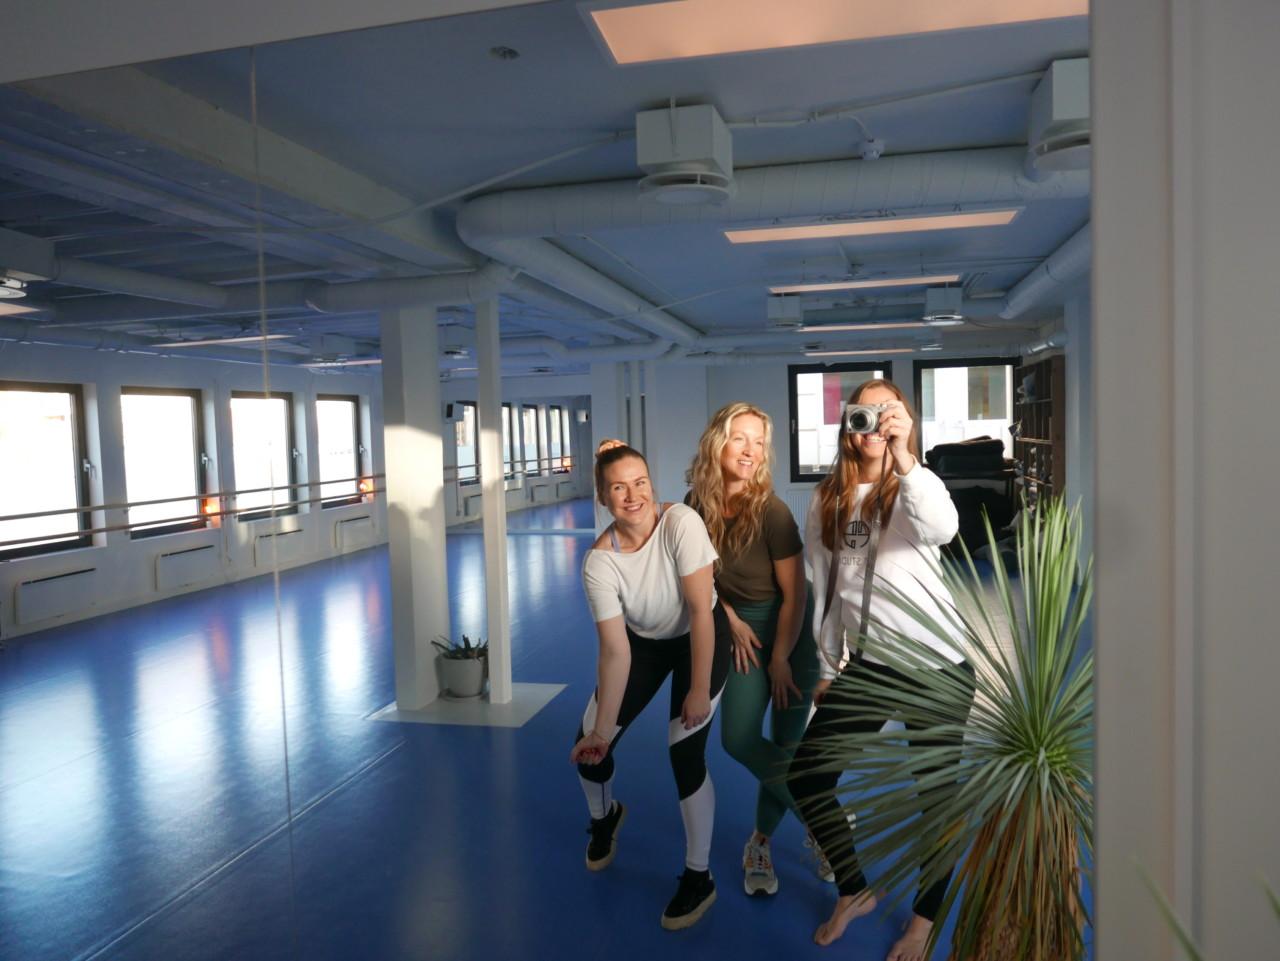 flyt-studio-gjeng-squad-yoga-founders-grundere-anja-stang